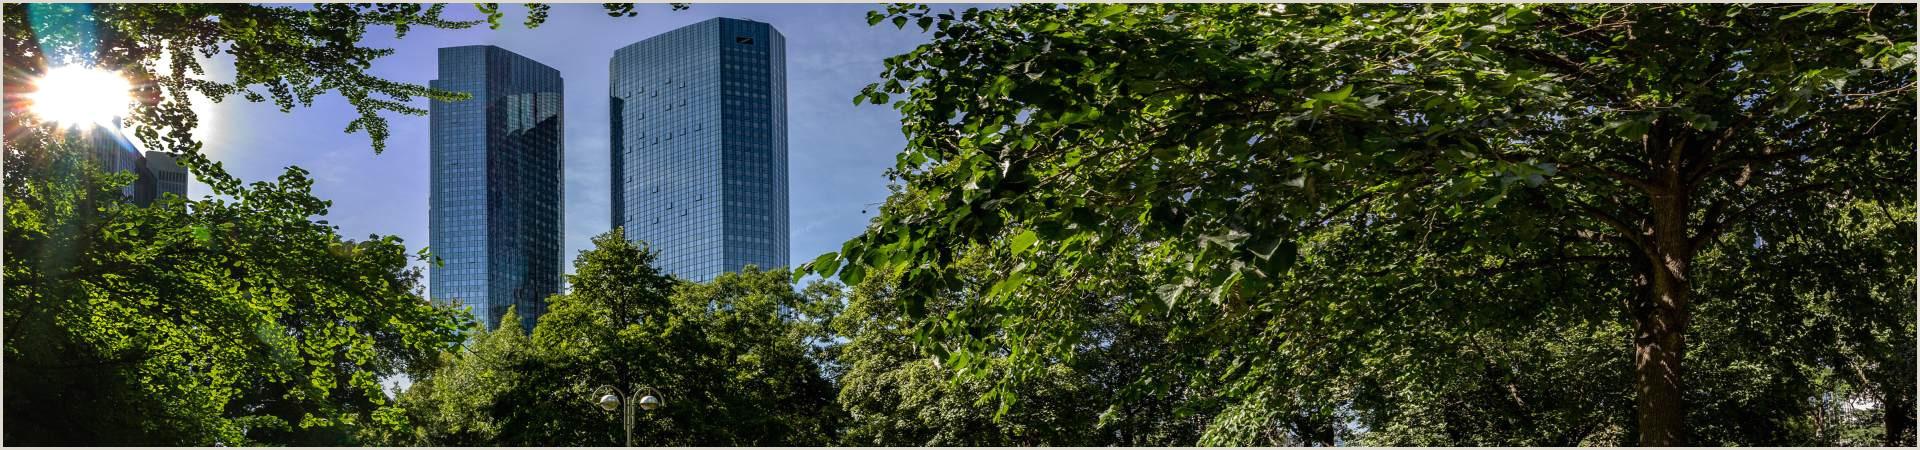 Photographer Business Cards Unique Home – Deutsche Bank